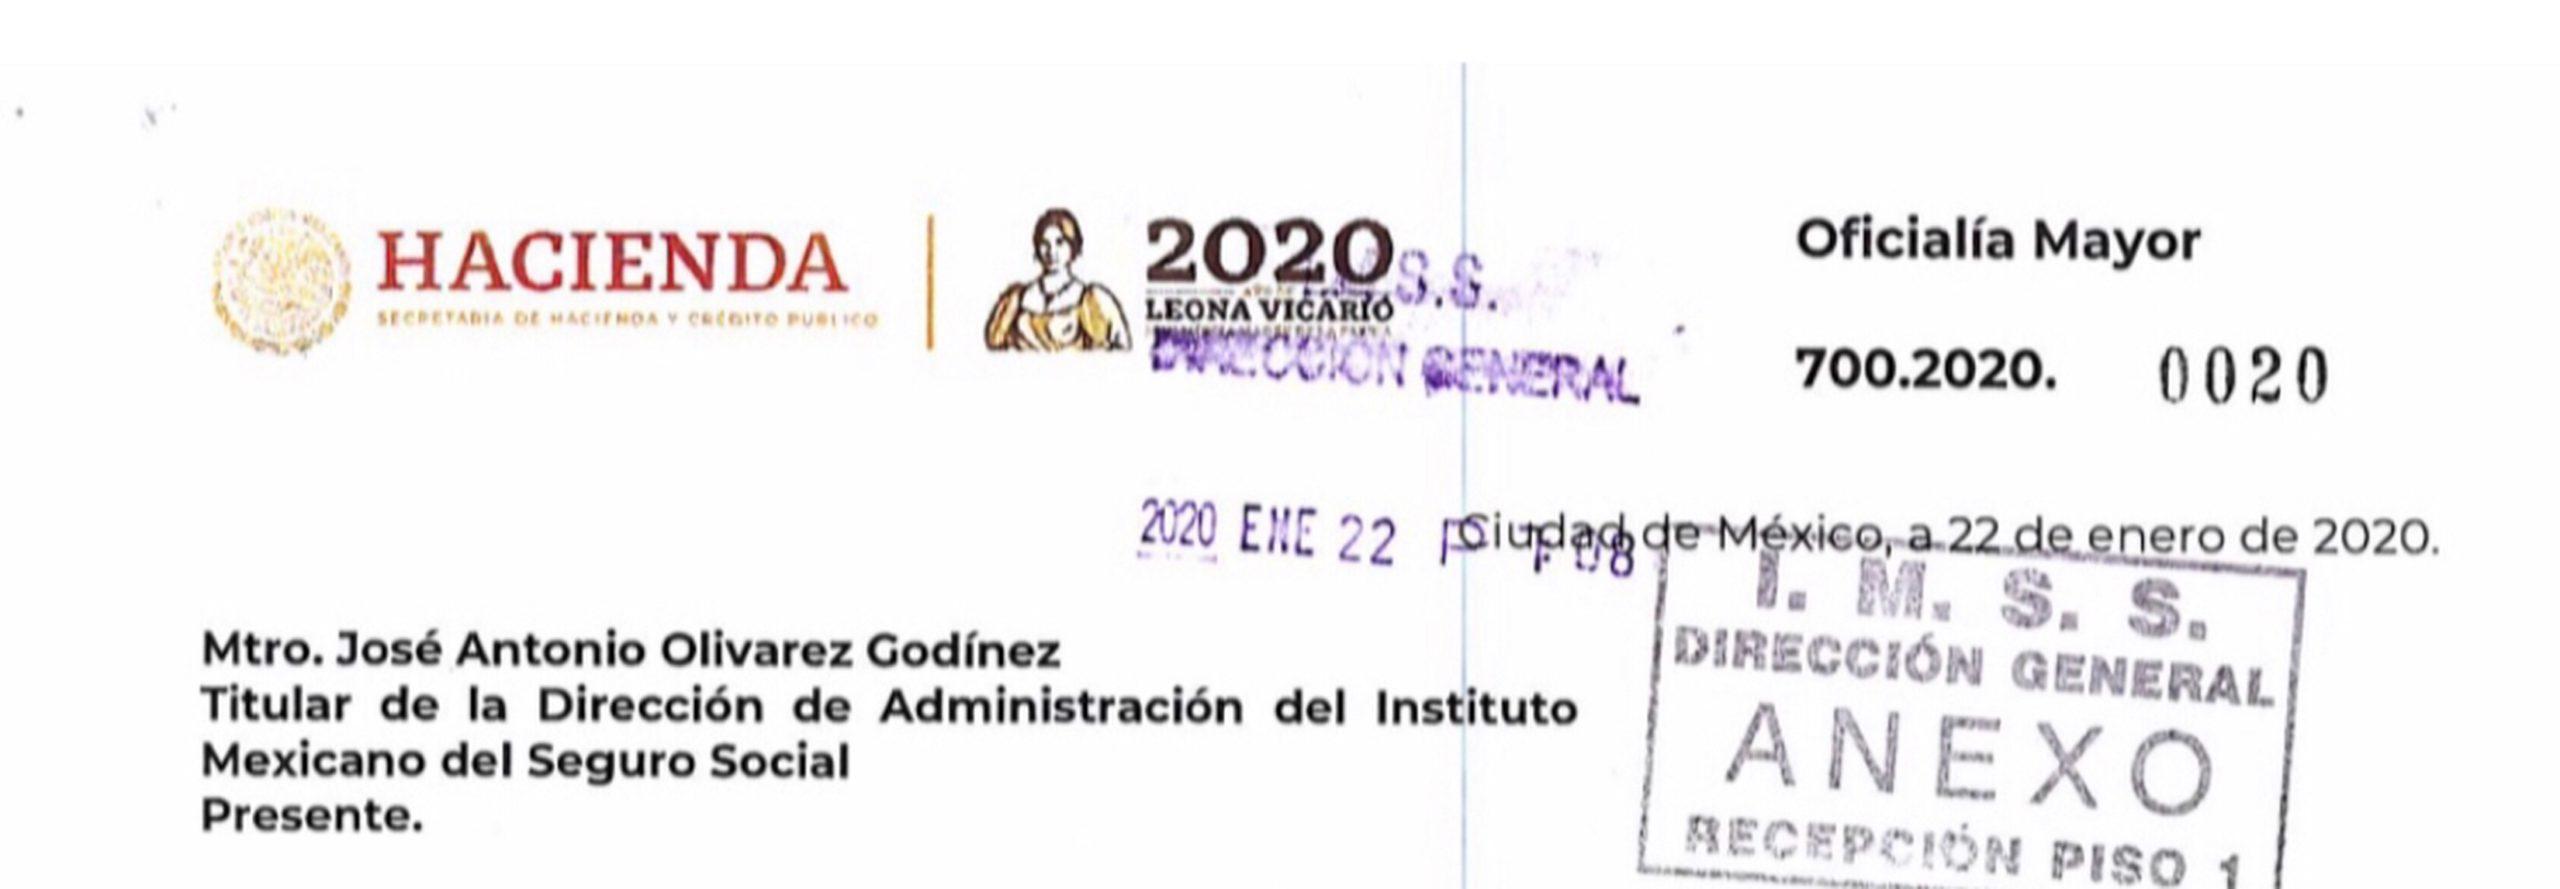 Documento oficial interno, el gobierno admite desabasto de medicamentos